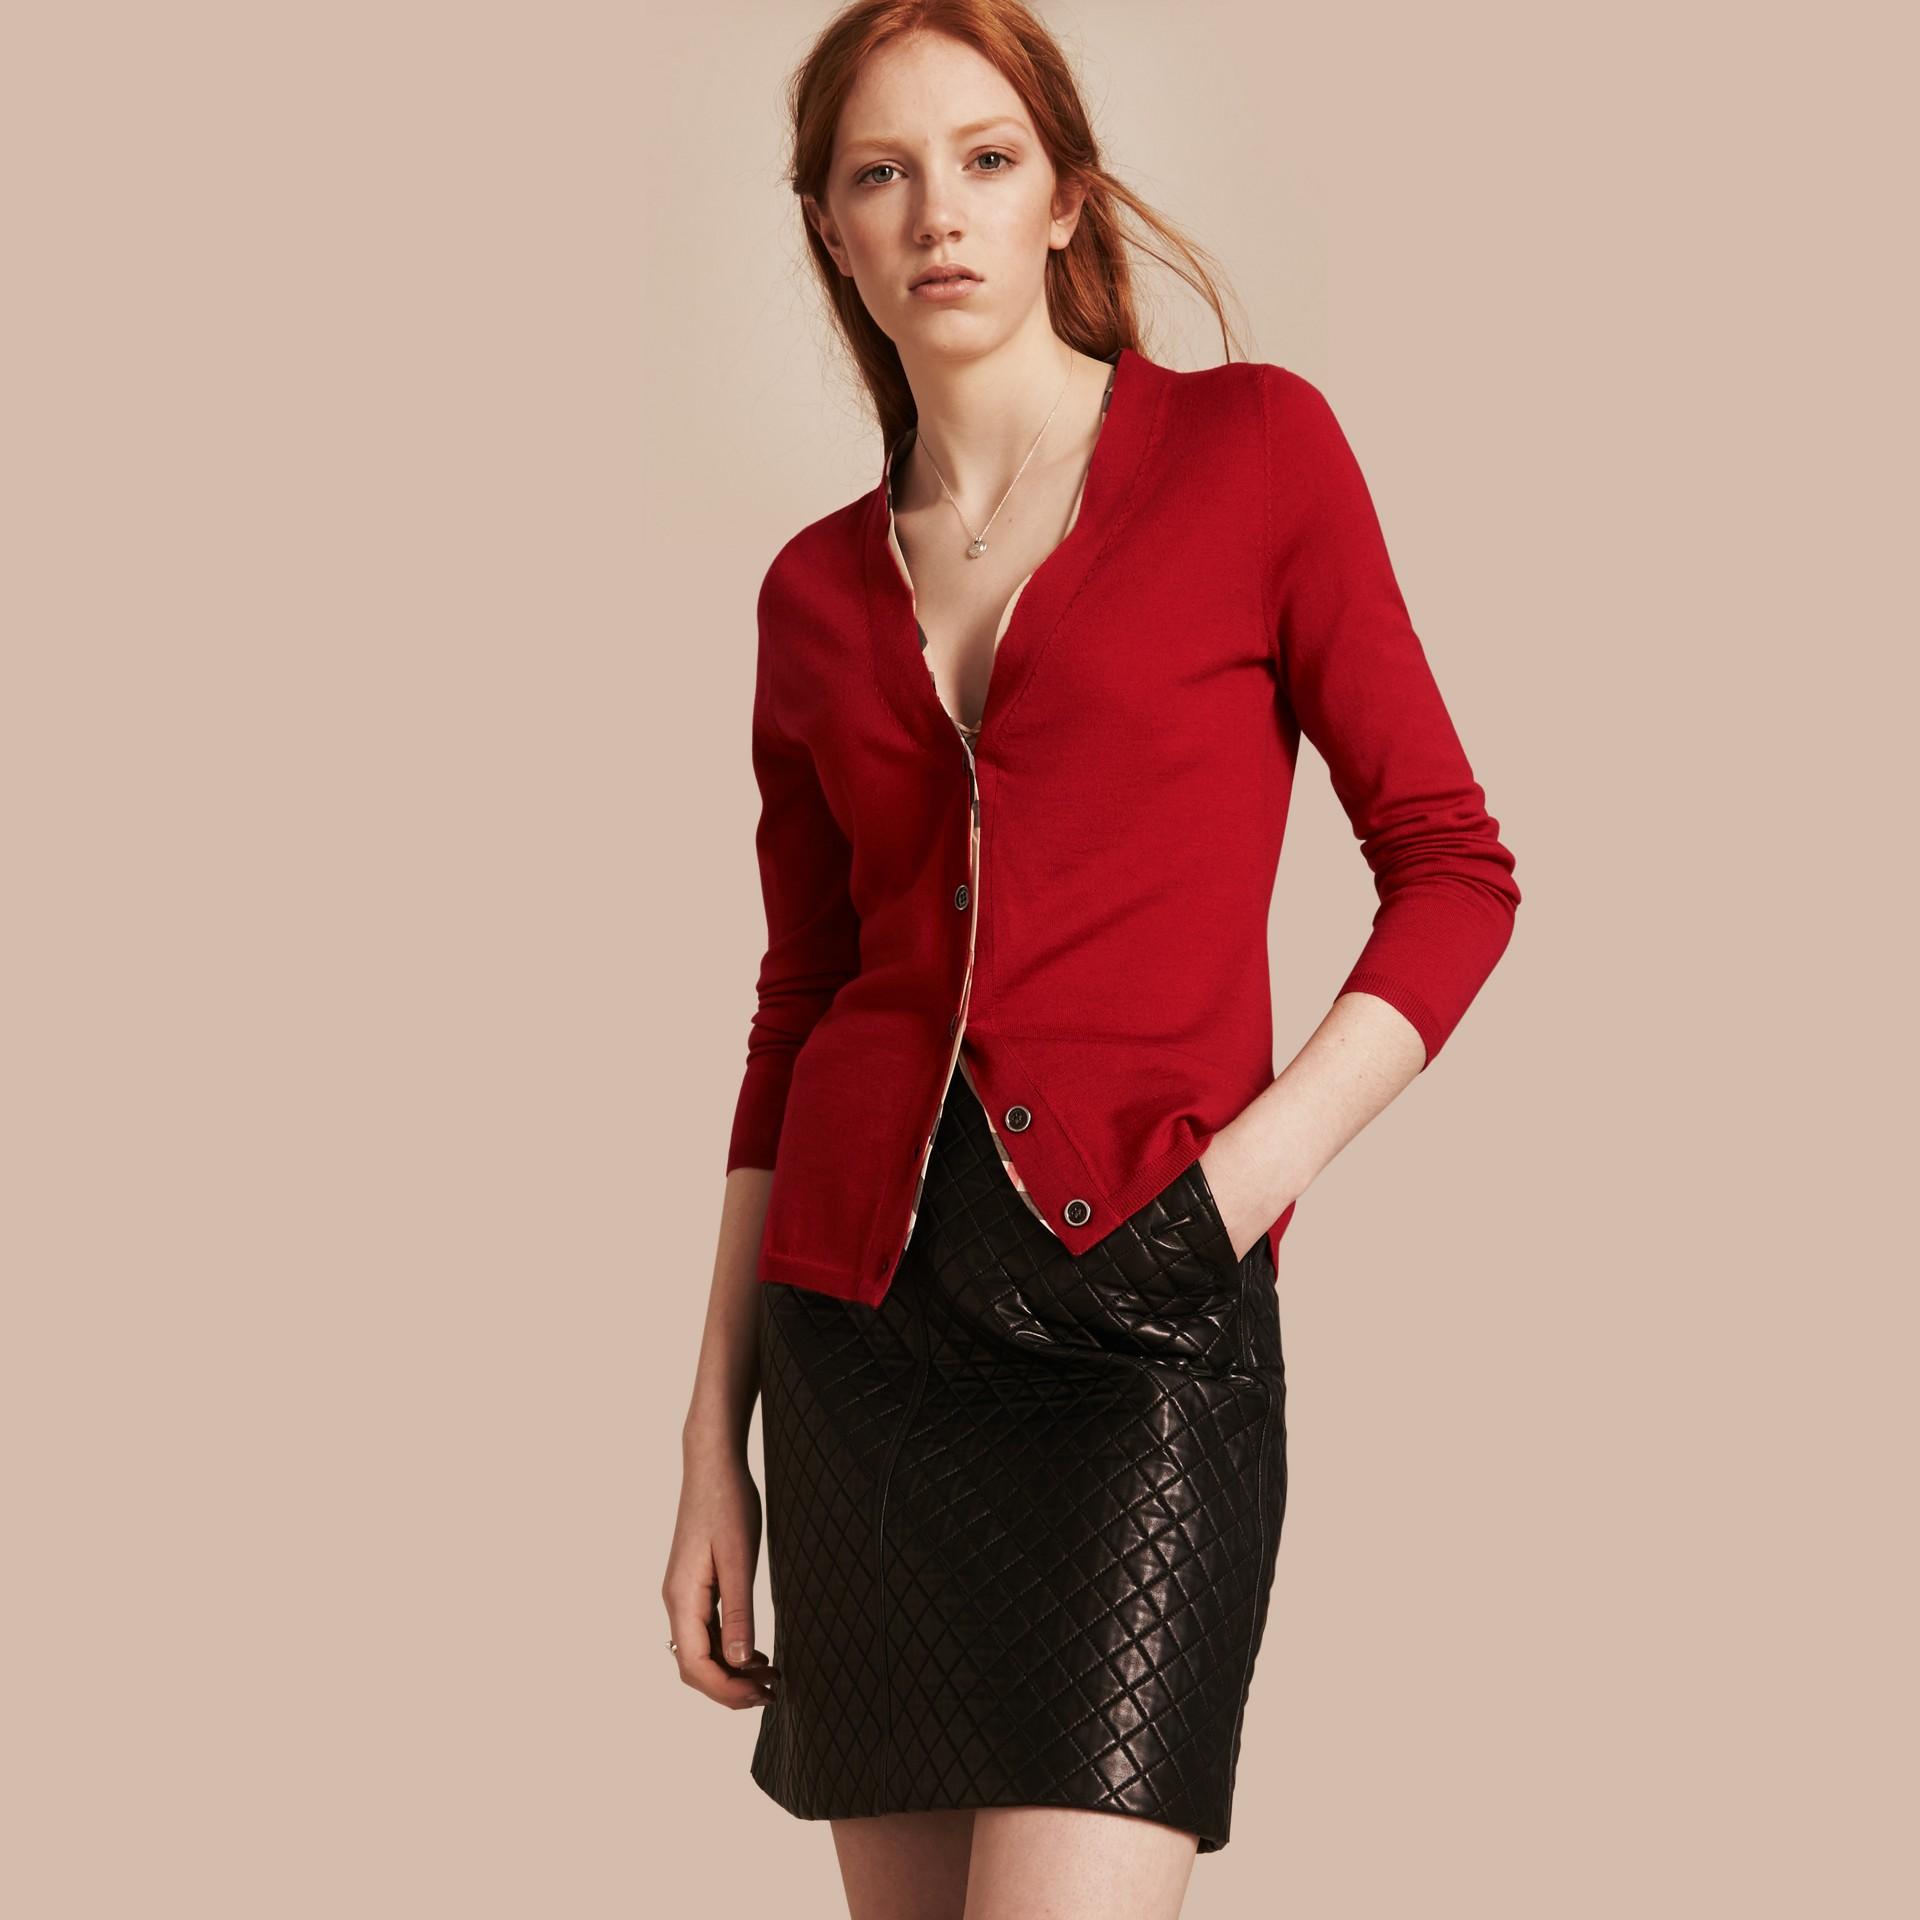 Rosso militare Cardigan in lana con paramontura con motivo check Rosso Militare - immagine della galleria 1